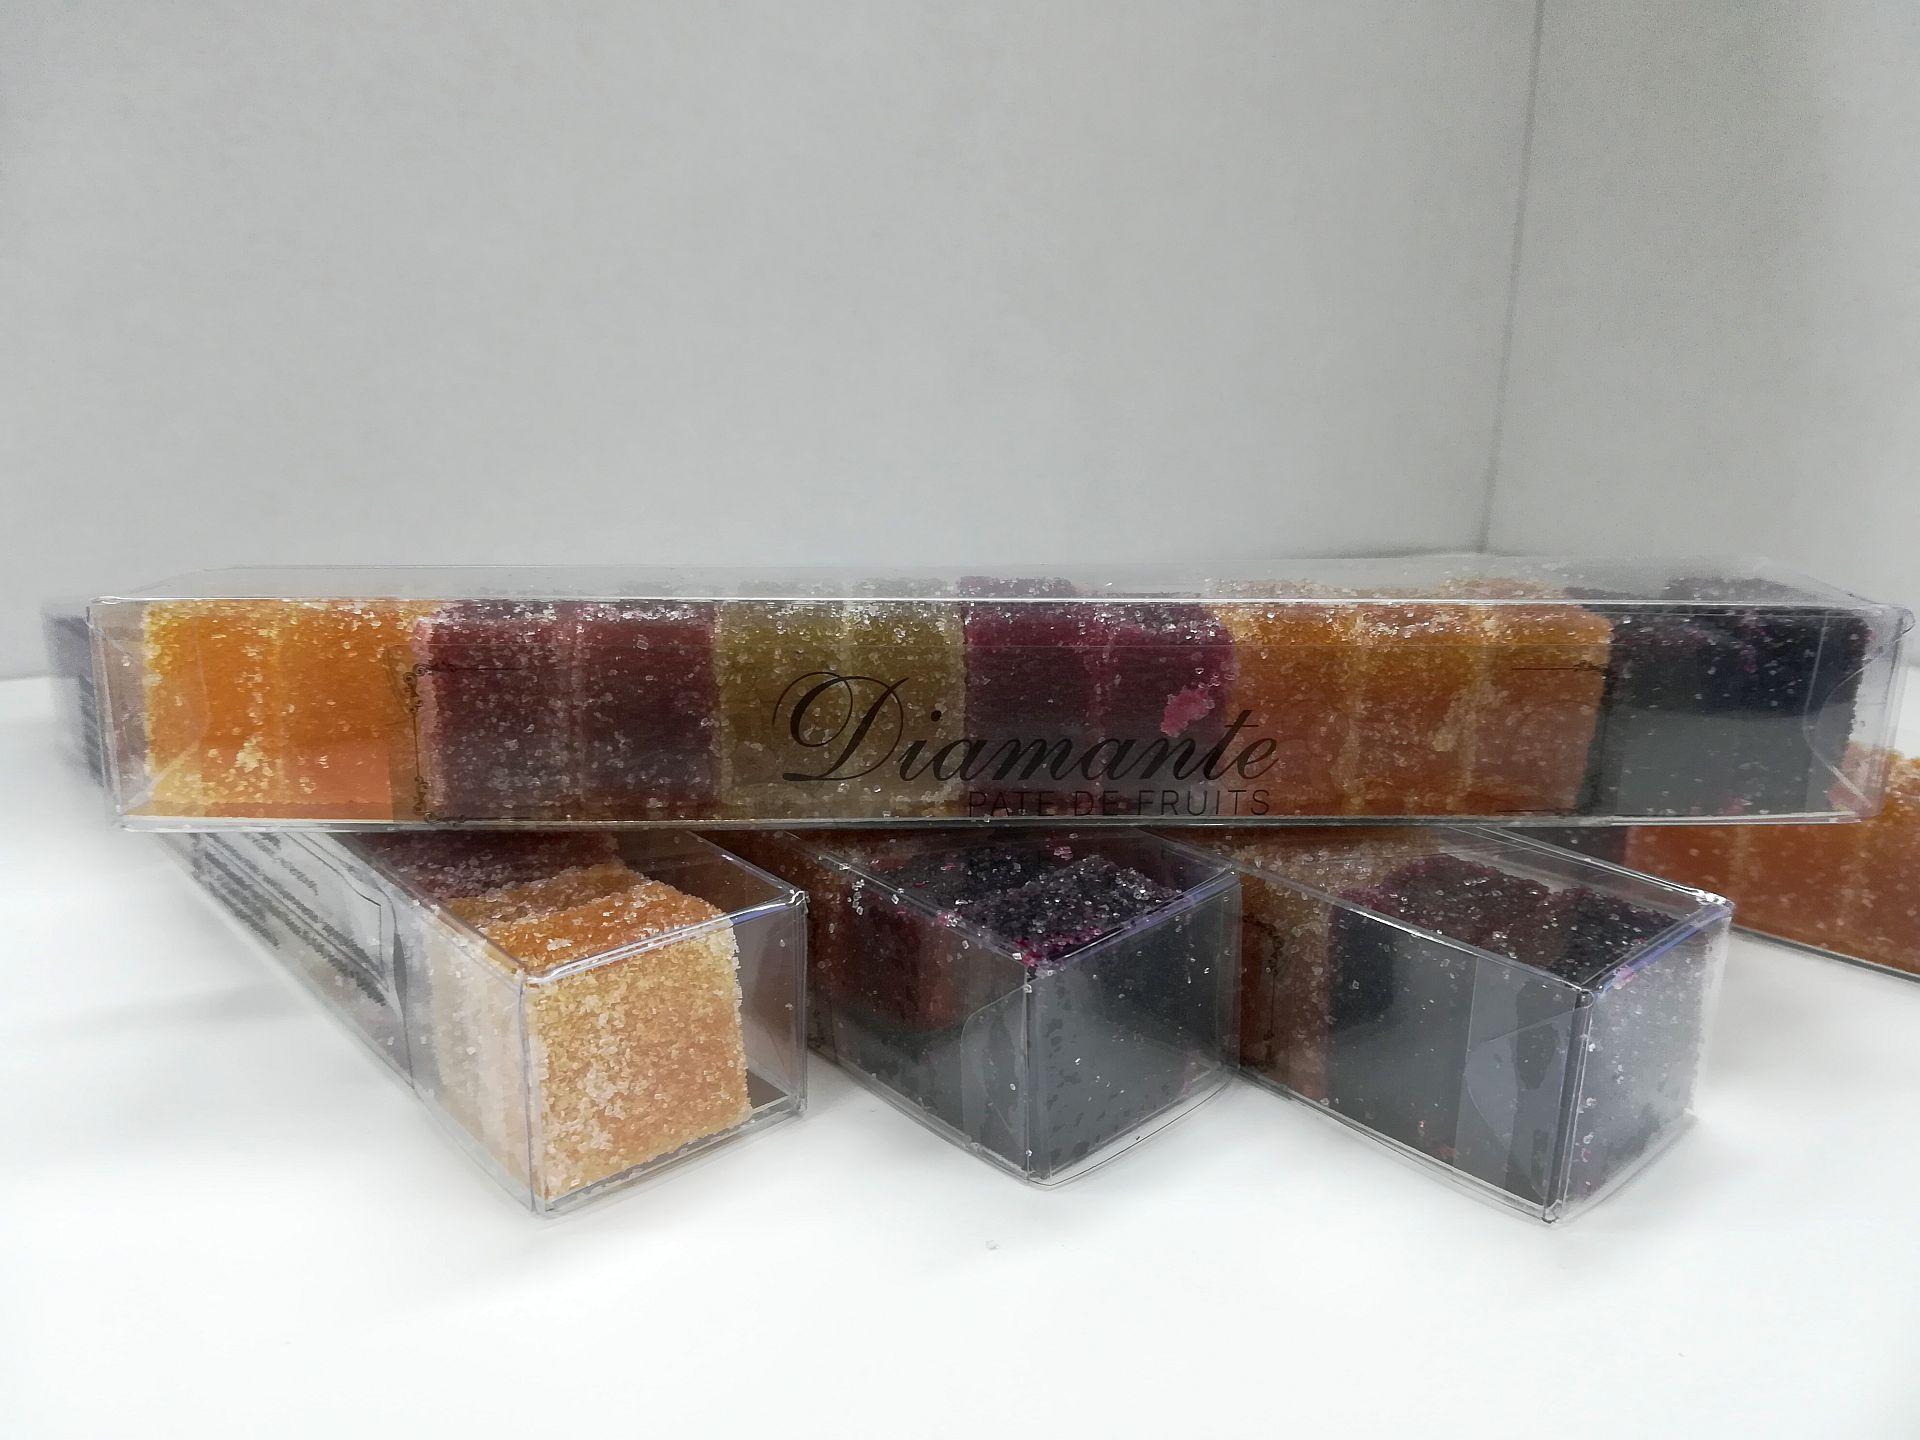 Diamante : Pâtes de fruits au goût de passion, fraise, kiwi, framboise, abricot et cassis